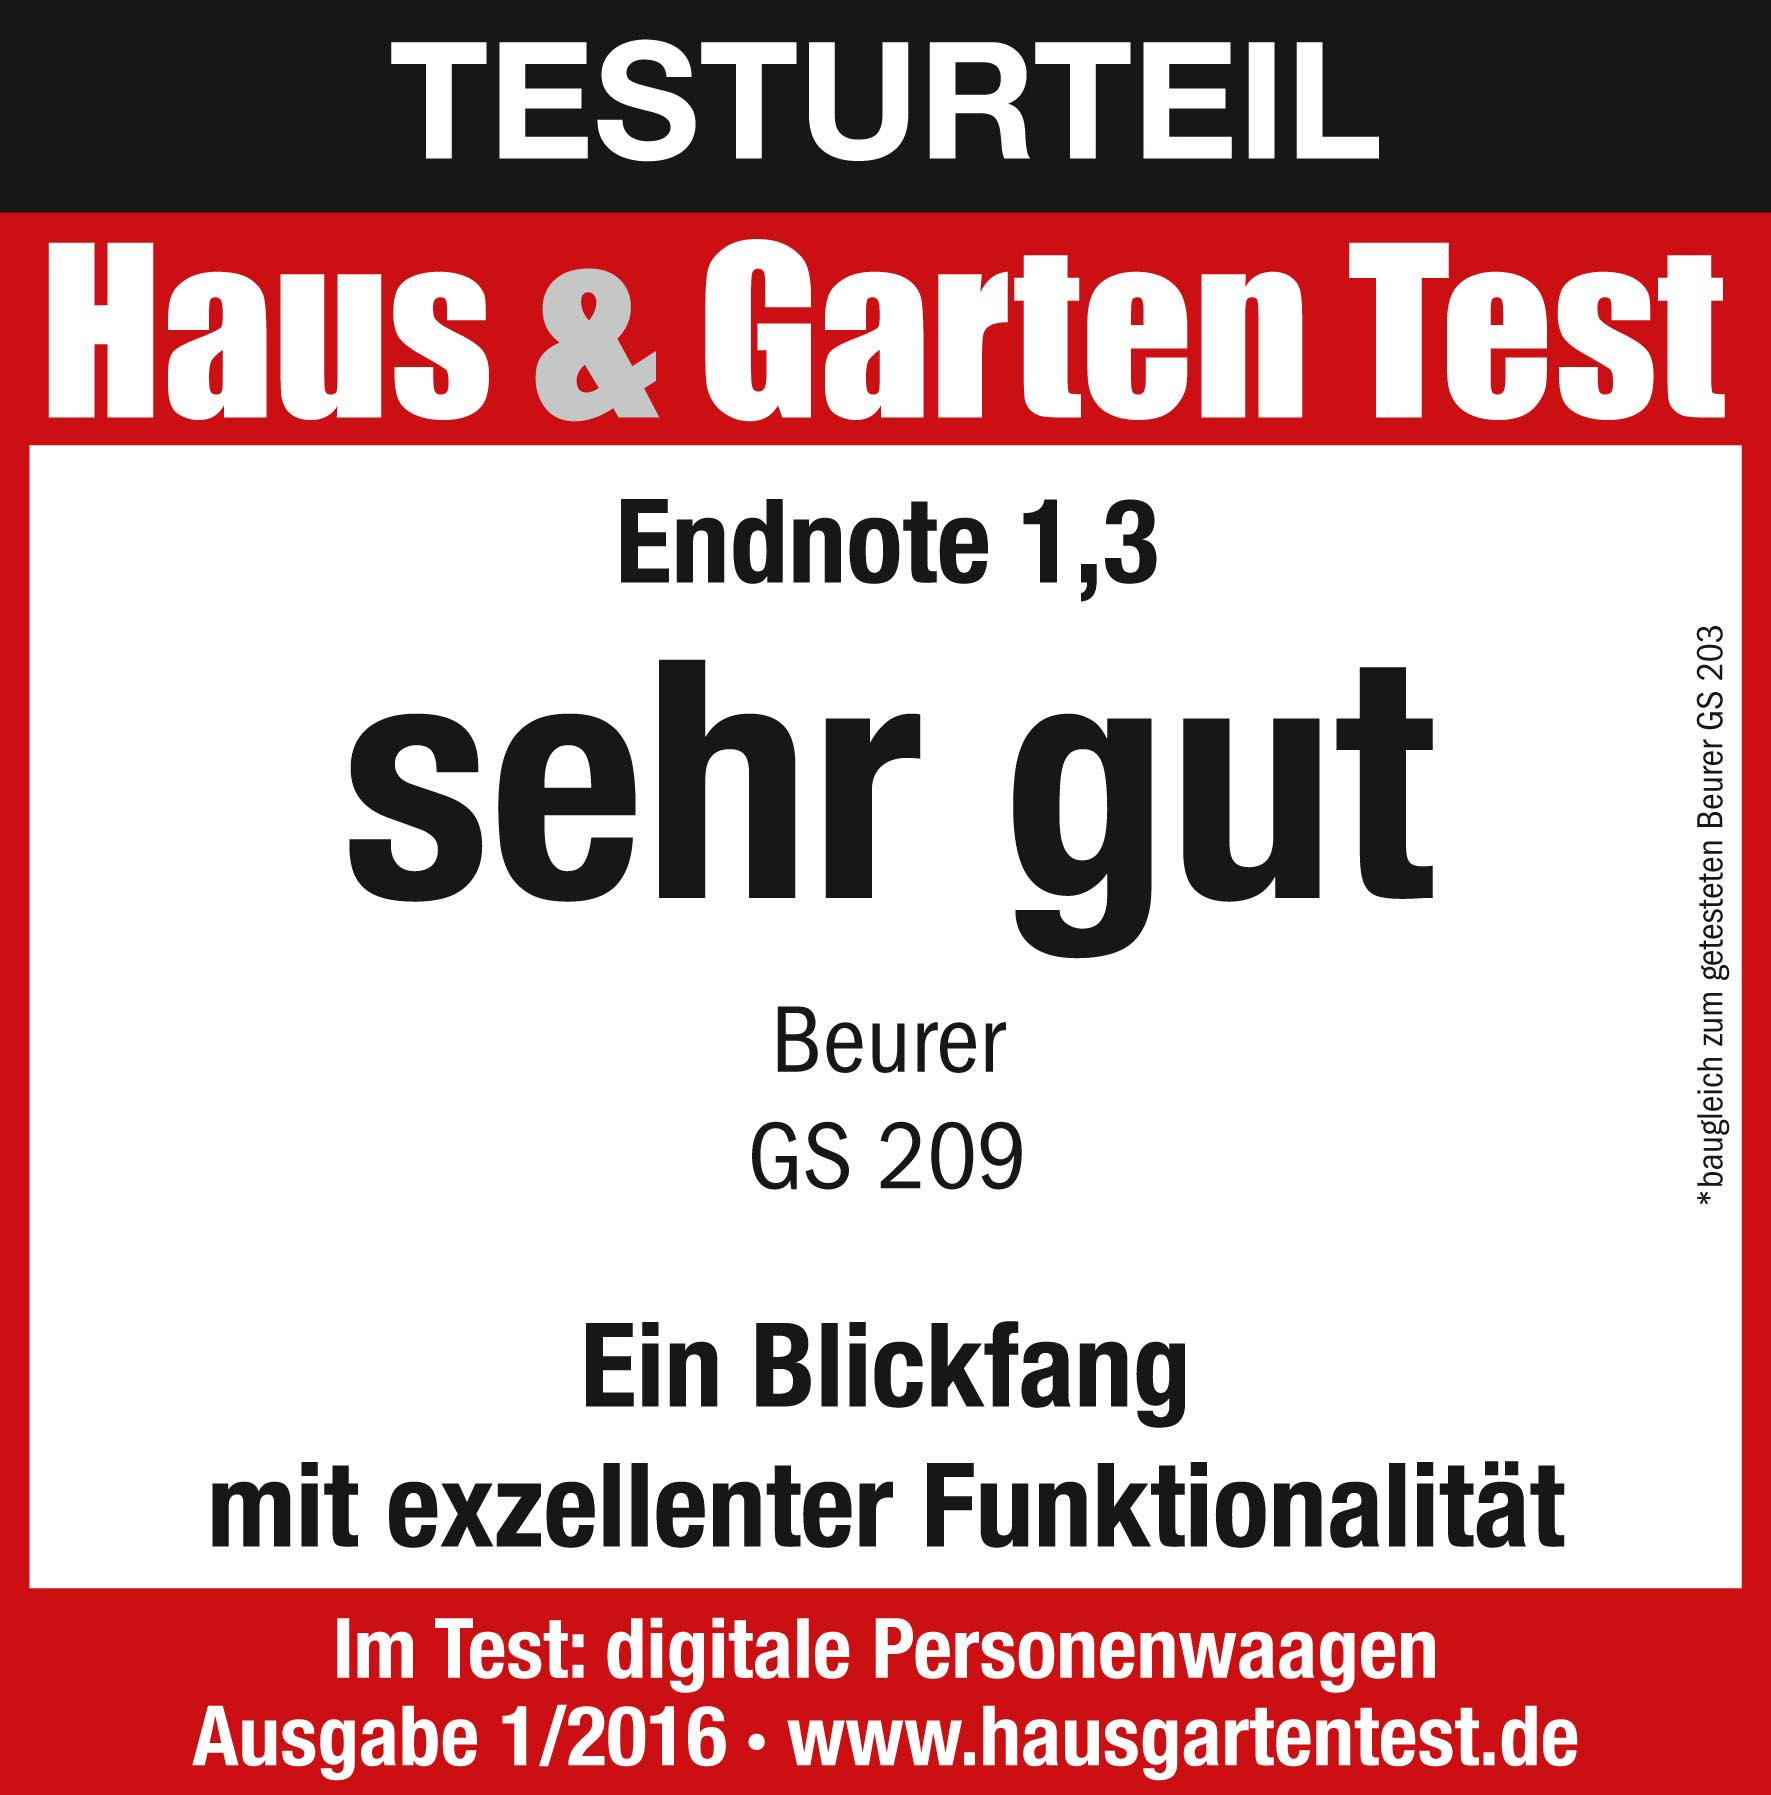 Результат тестирования: (1,3) стеклянные весы Beurer GS 209 Beauty в январе 2016 г. получили оценку «Очень хорошо»